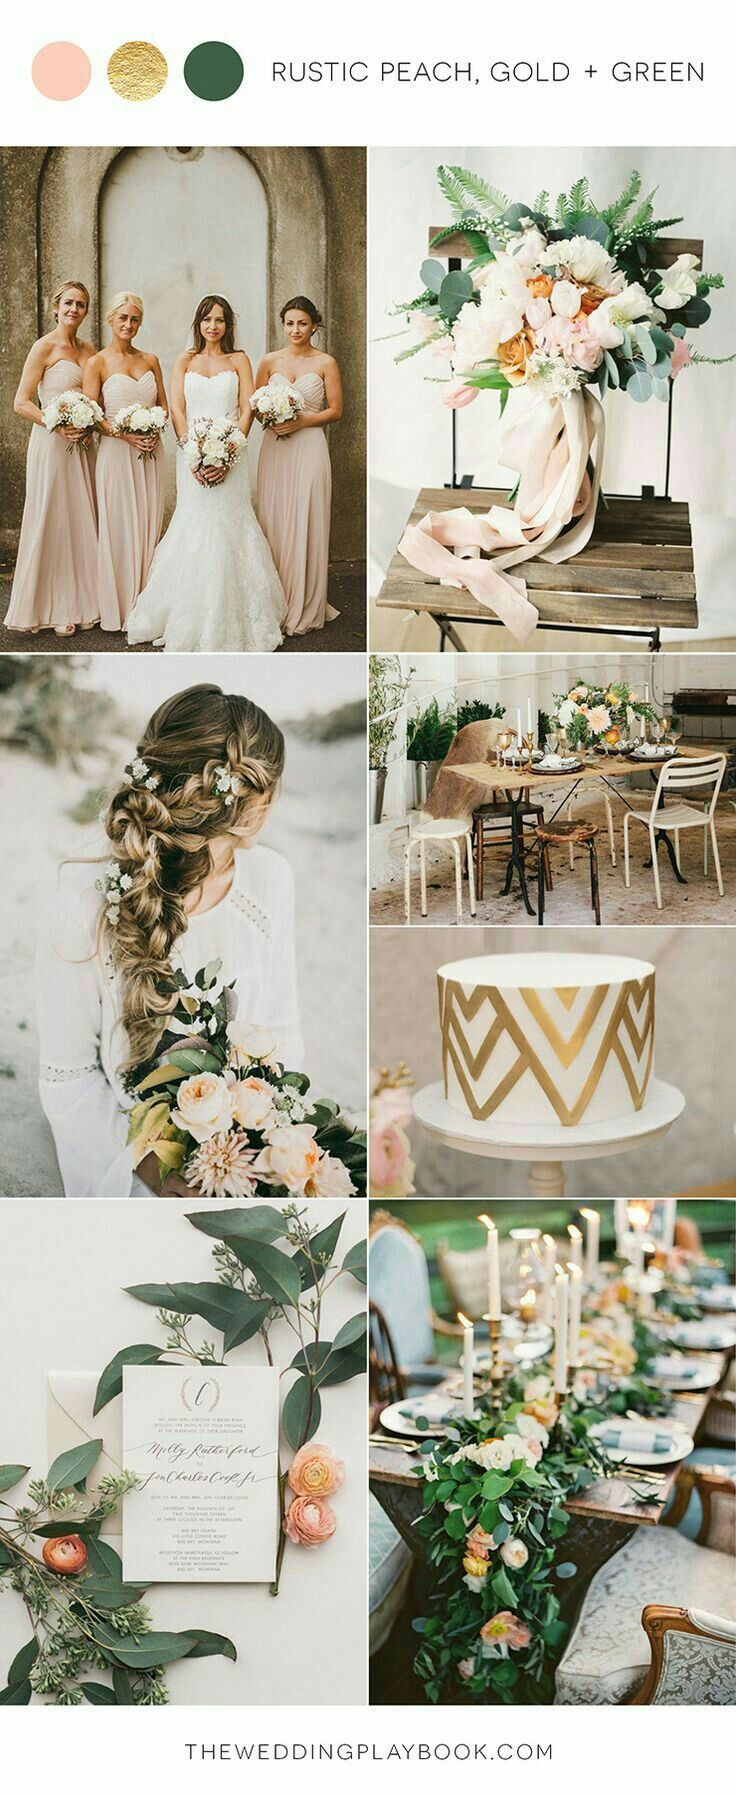 Pin by Janita Tor on w e d d i n g | Pinterest | Wedding, Weddings ...